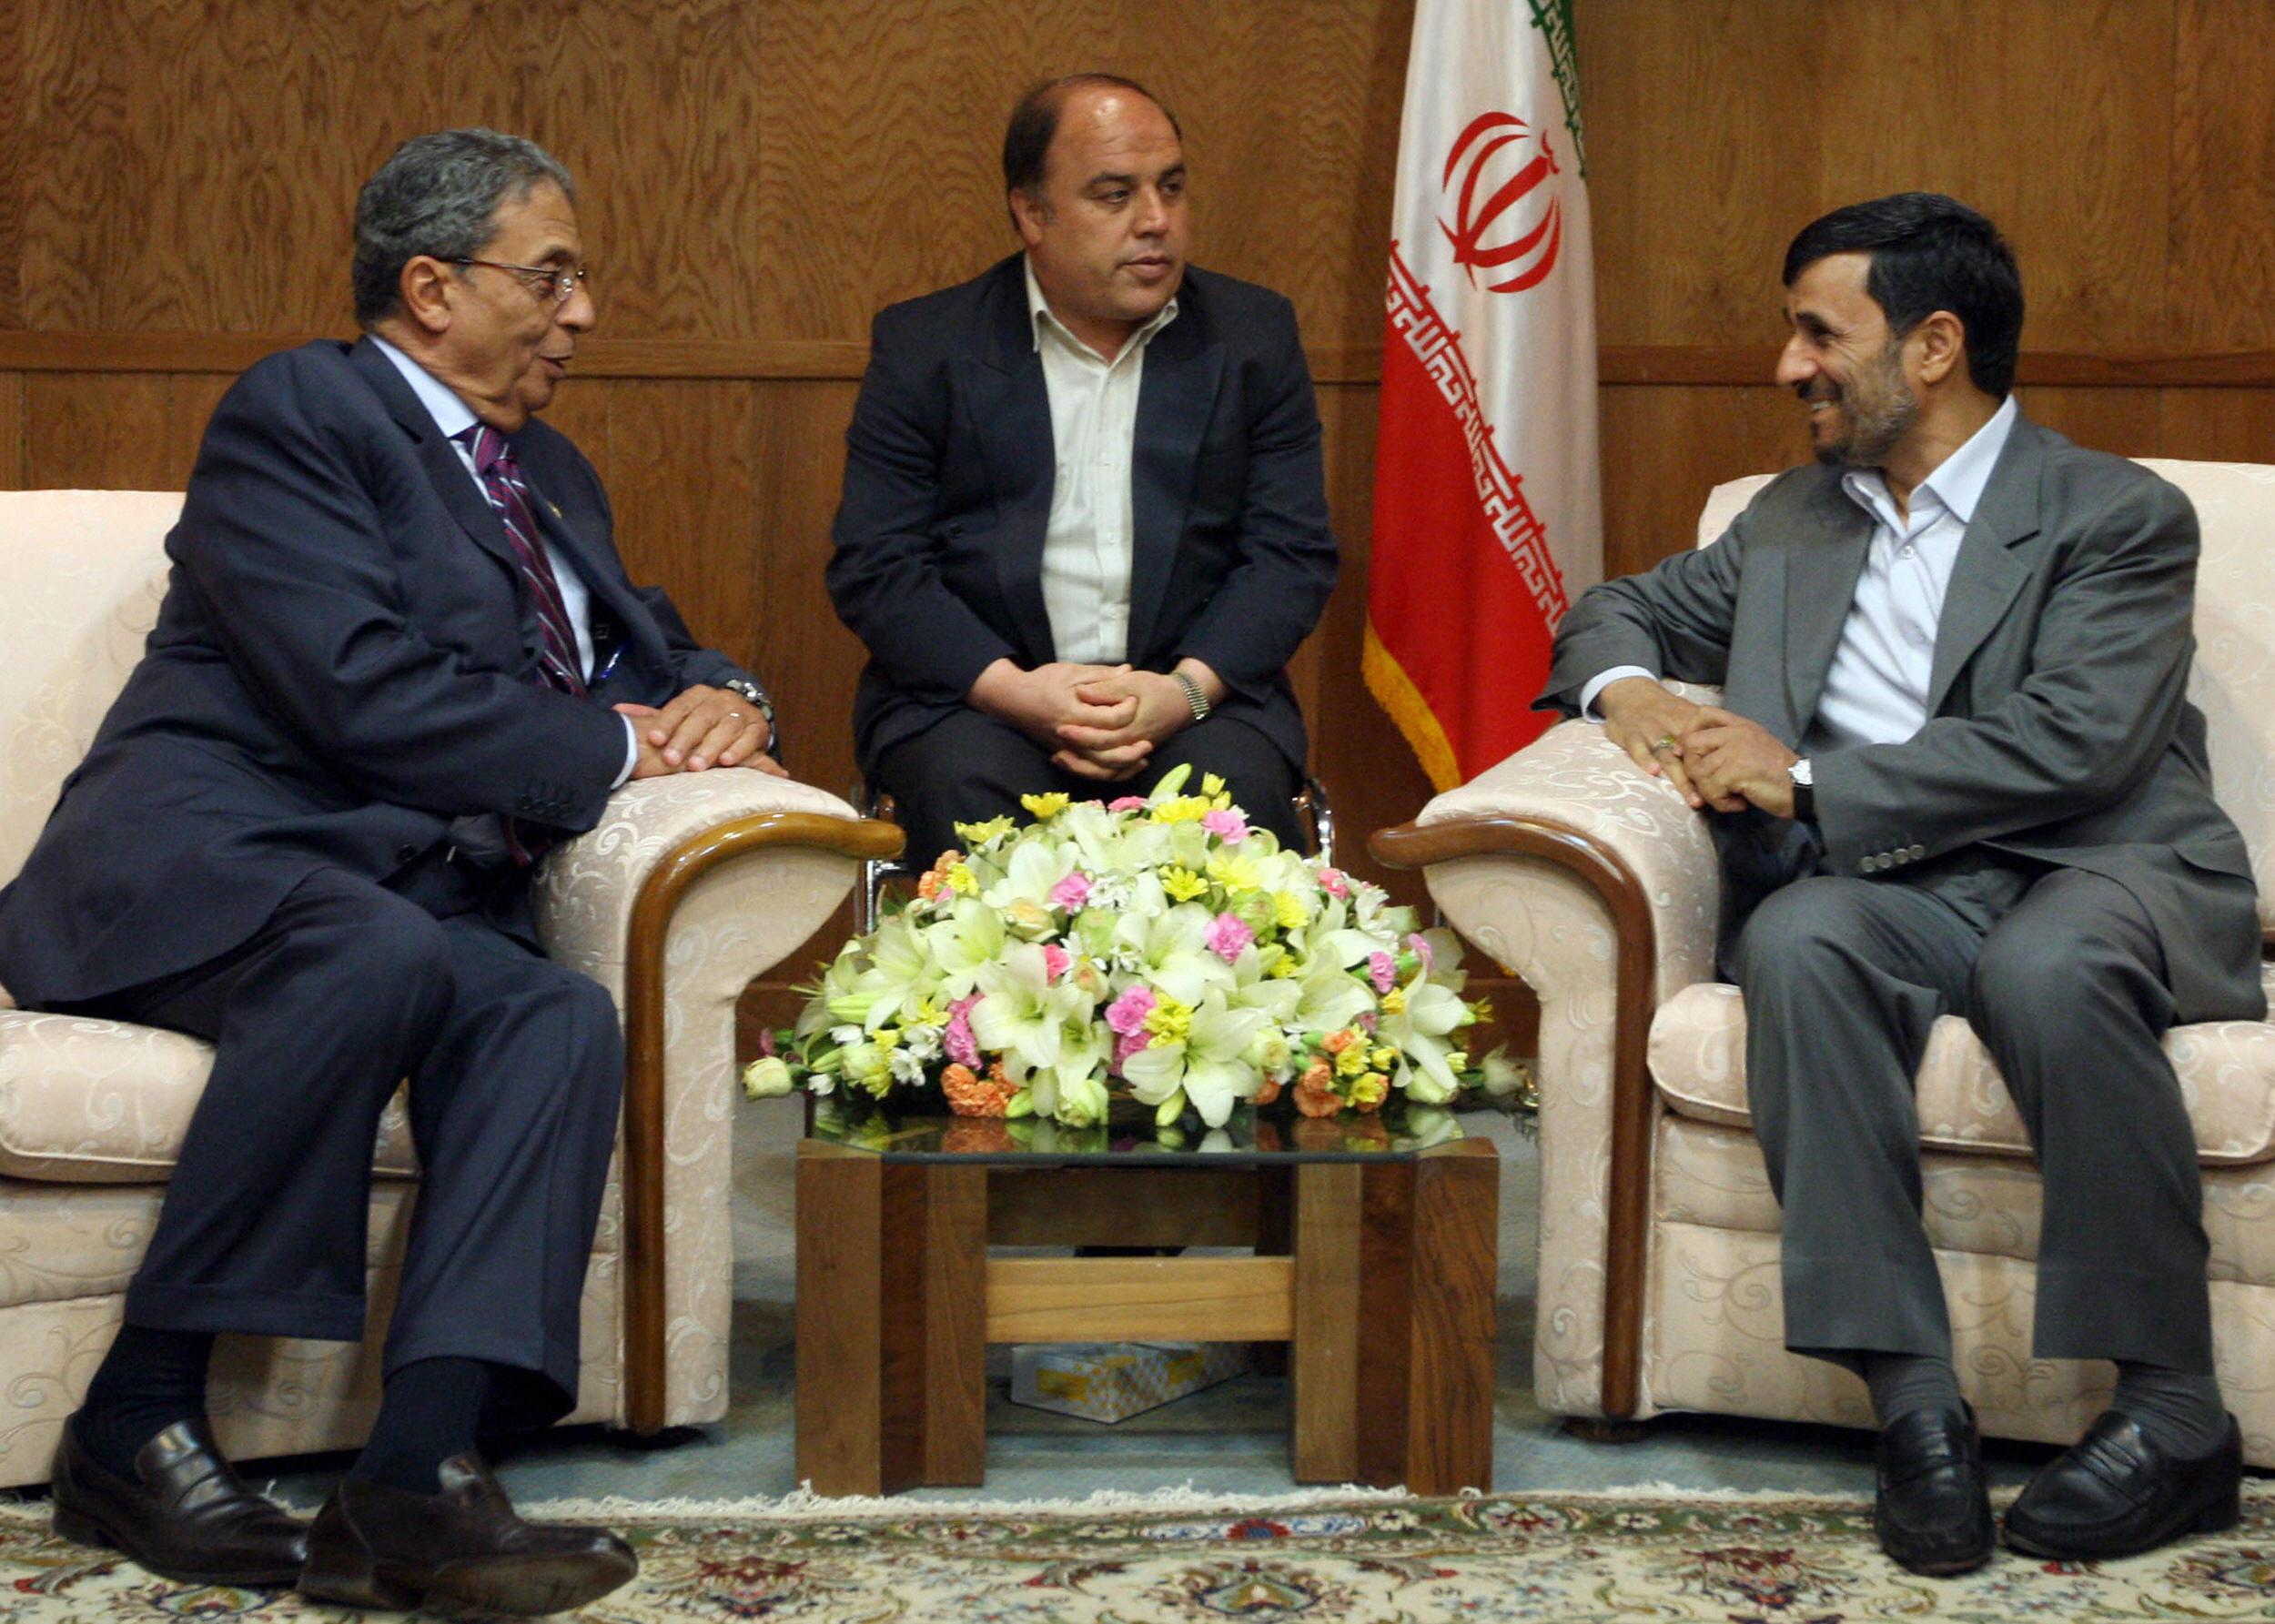 Iranian President Mahmoud Ahmadinejad meets with Arab League Secretary General Amr Mussa (L).